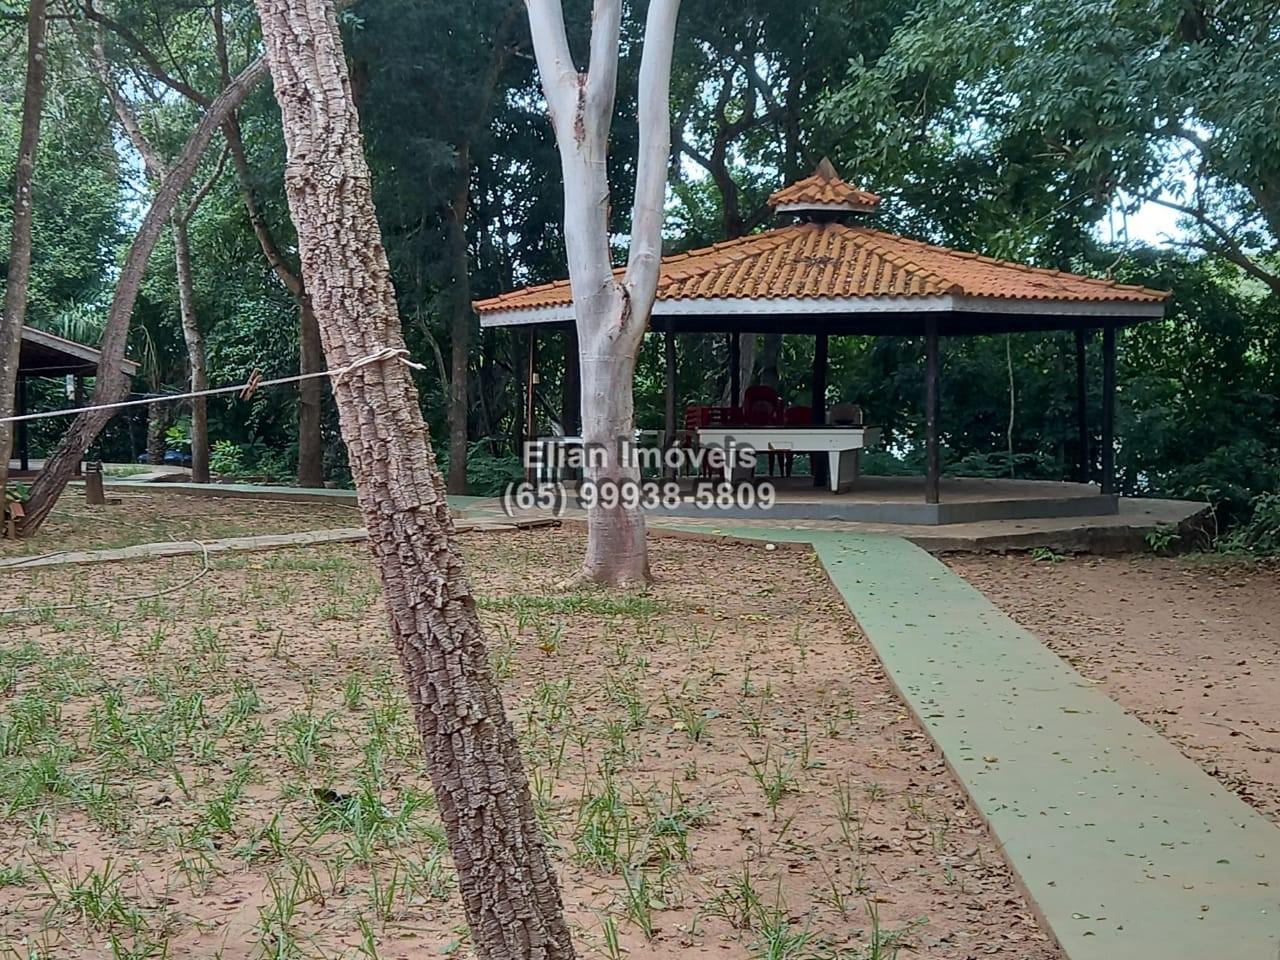 Chácara Sítio  com 4 quartos sendo 1 Suíte no Poção, Cuiabá  - MT